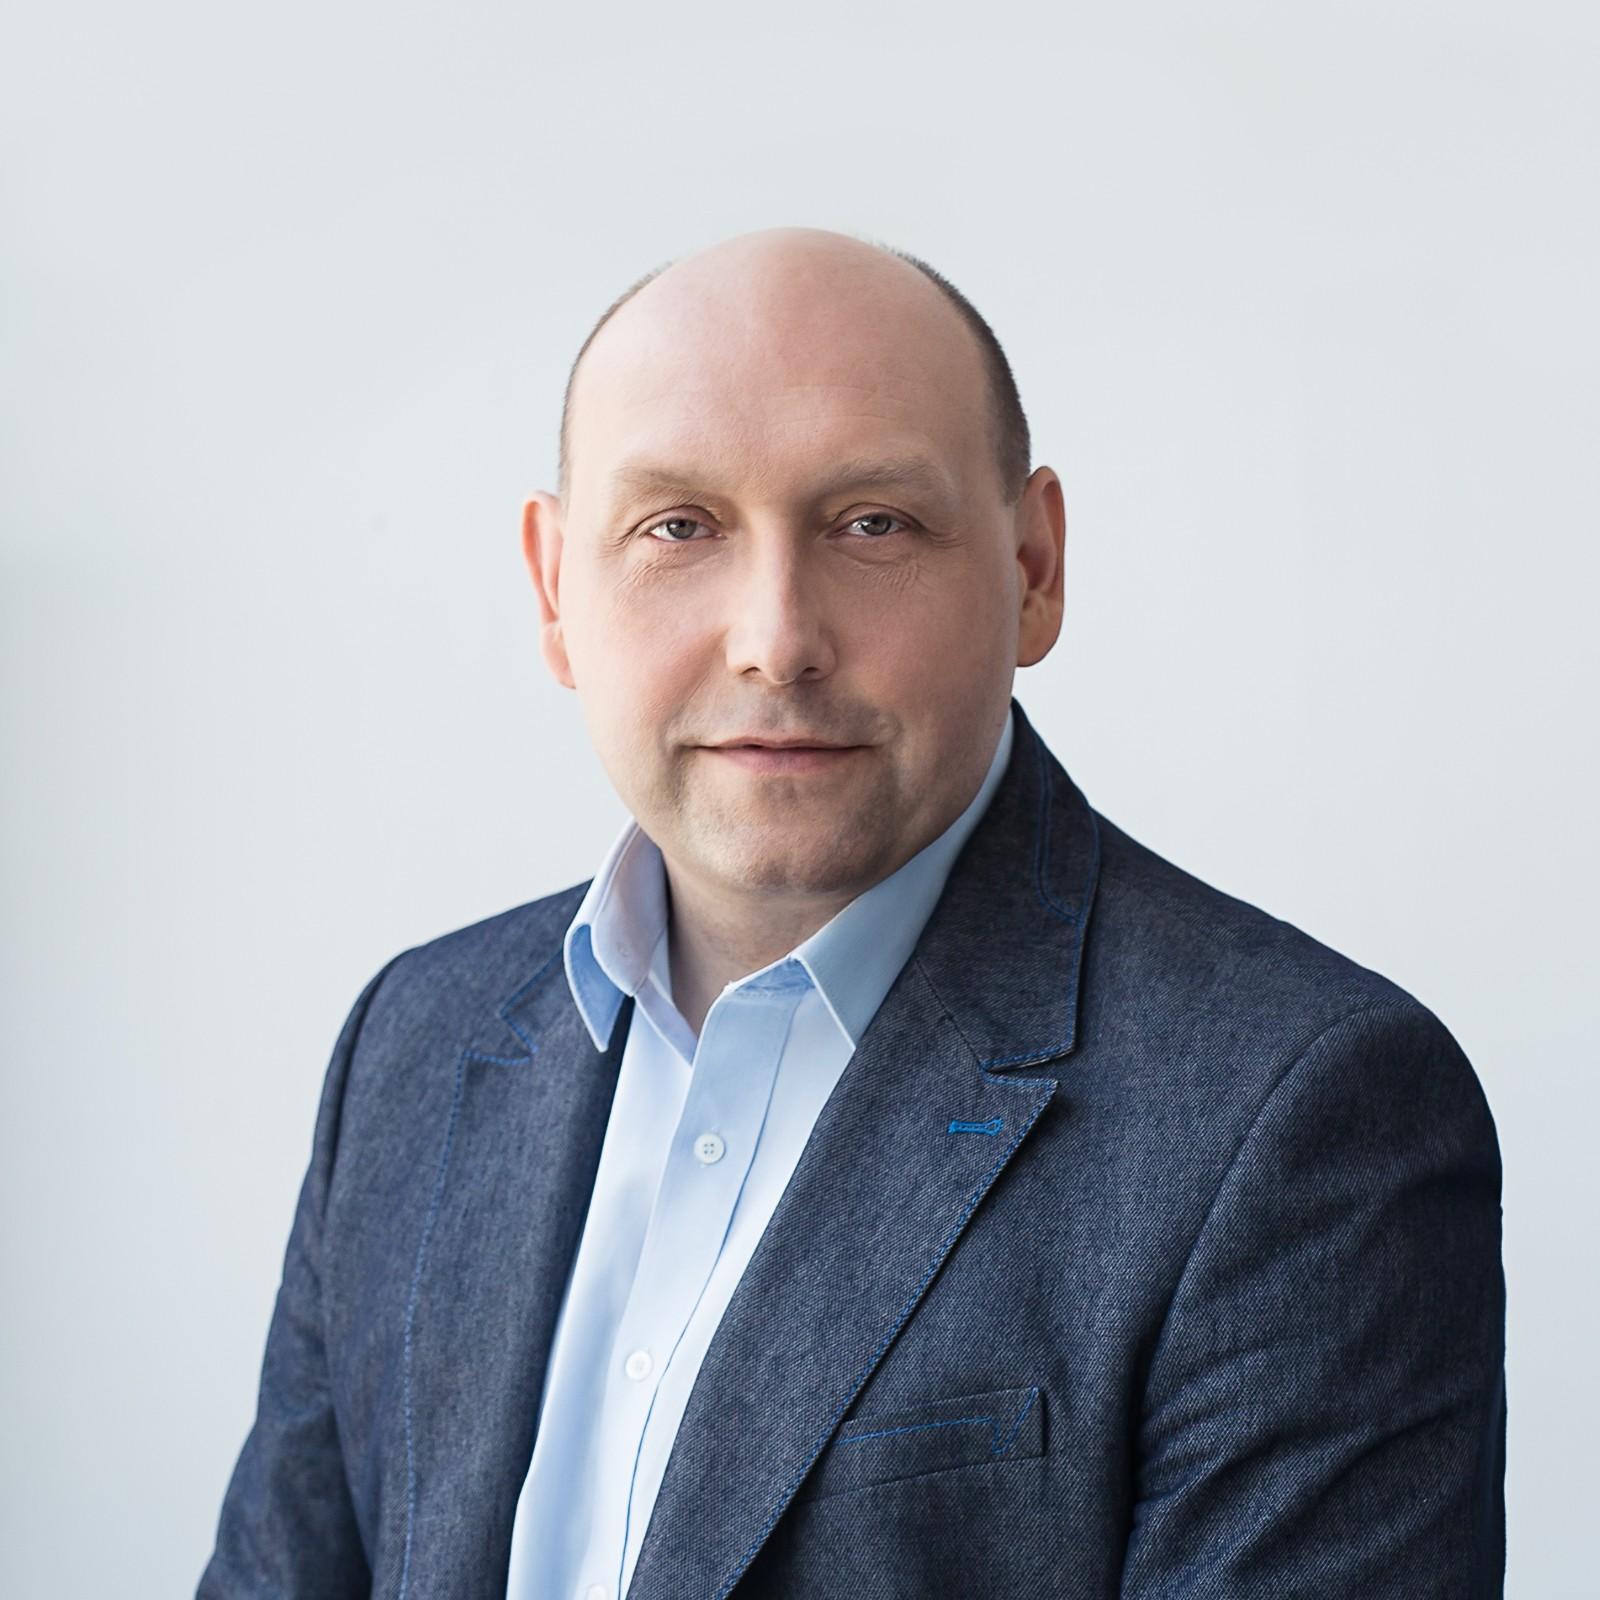 Daniel Kamiński